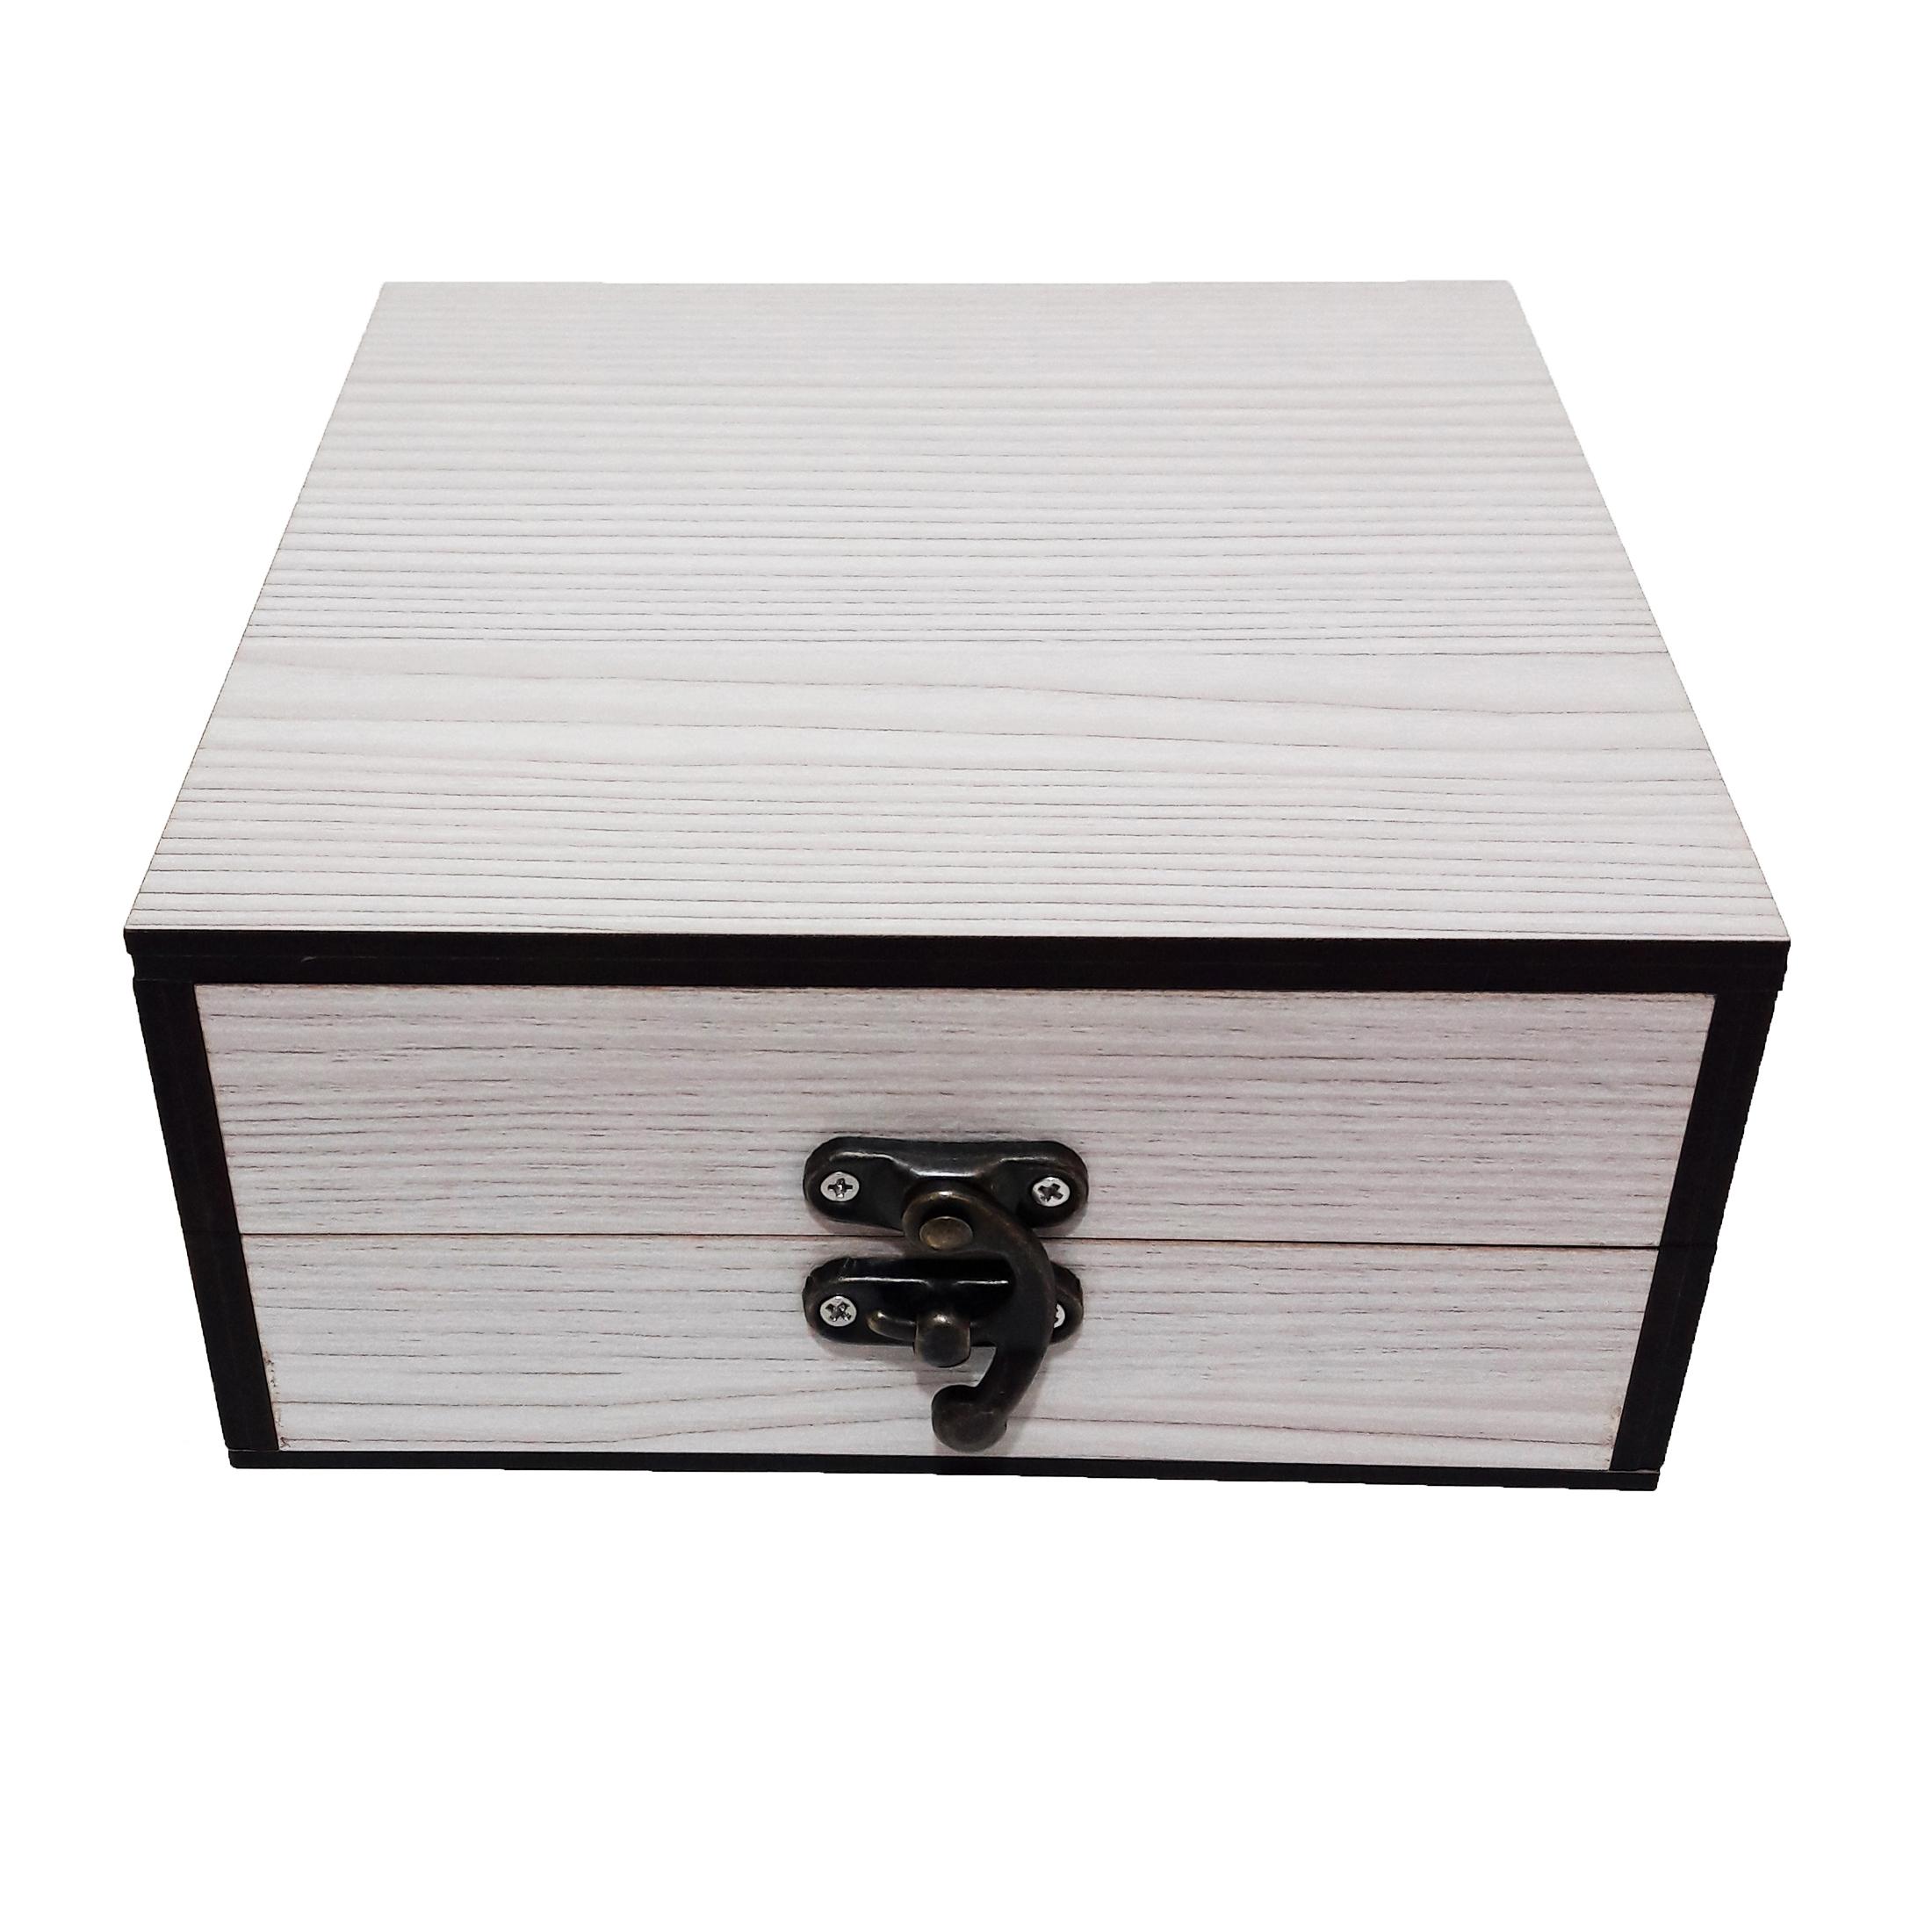 جعبه هدیه چوبی کادو آیهان باکس مدل 45